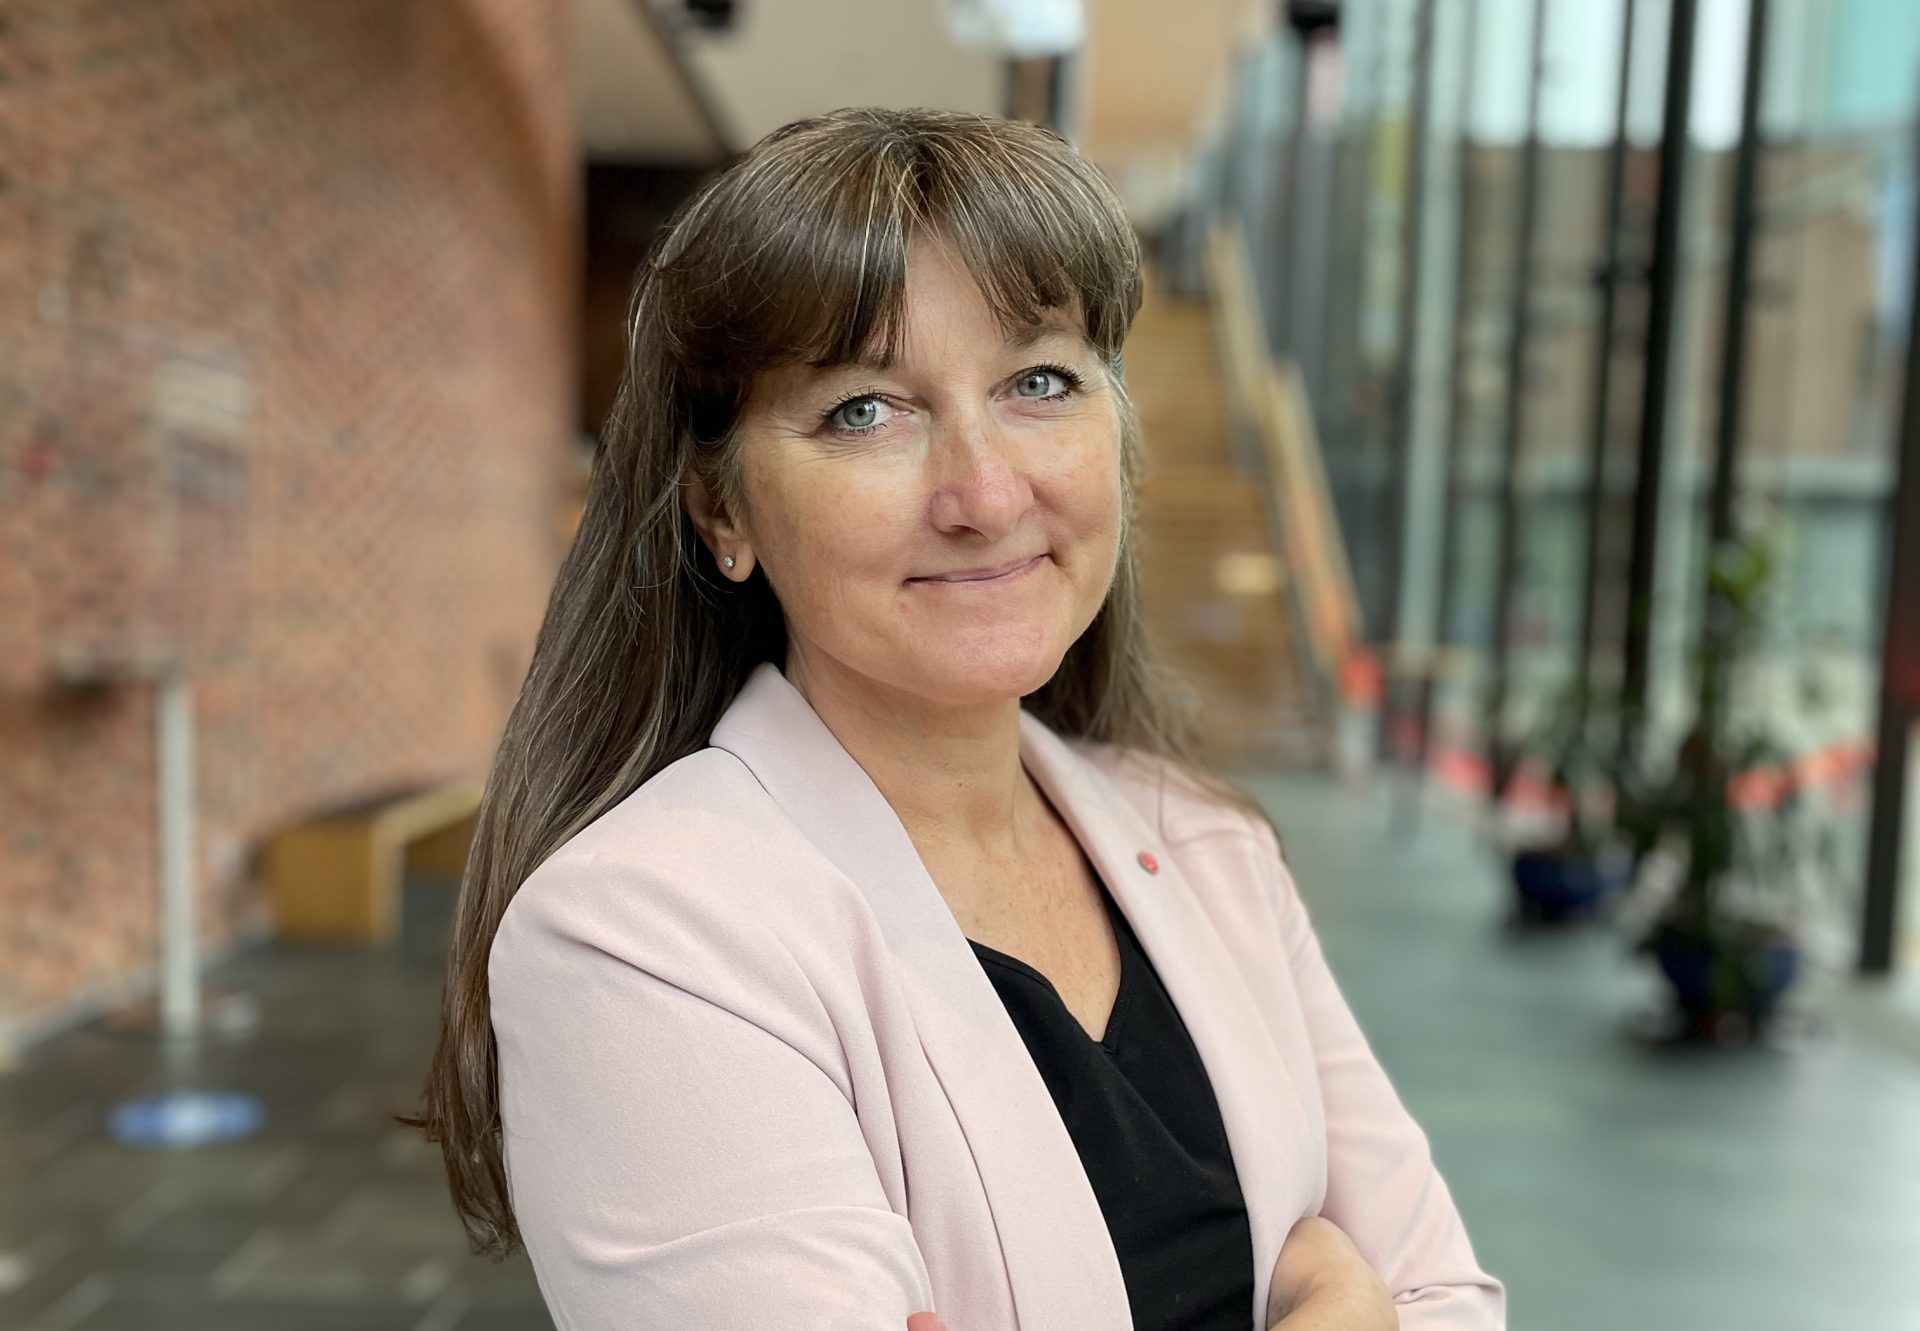 Lena Johansson trea på Socialdemokraternas riksdagslista